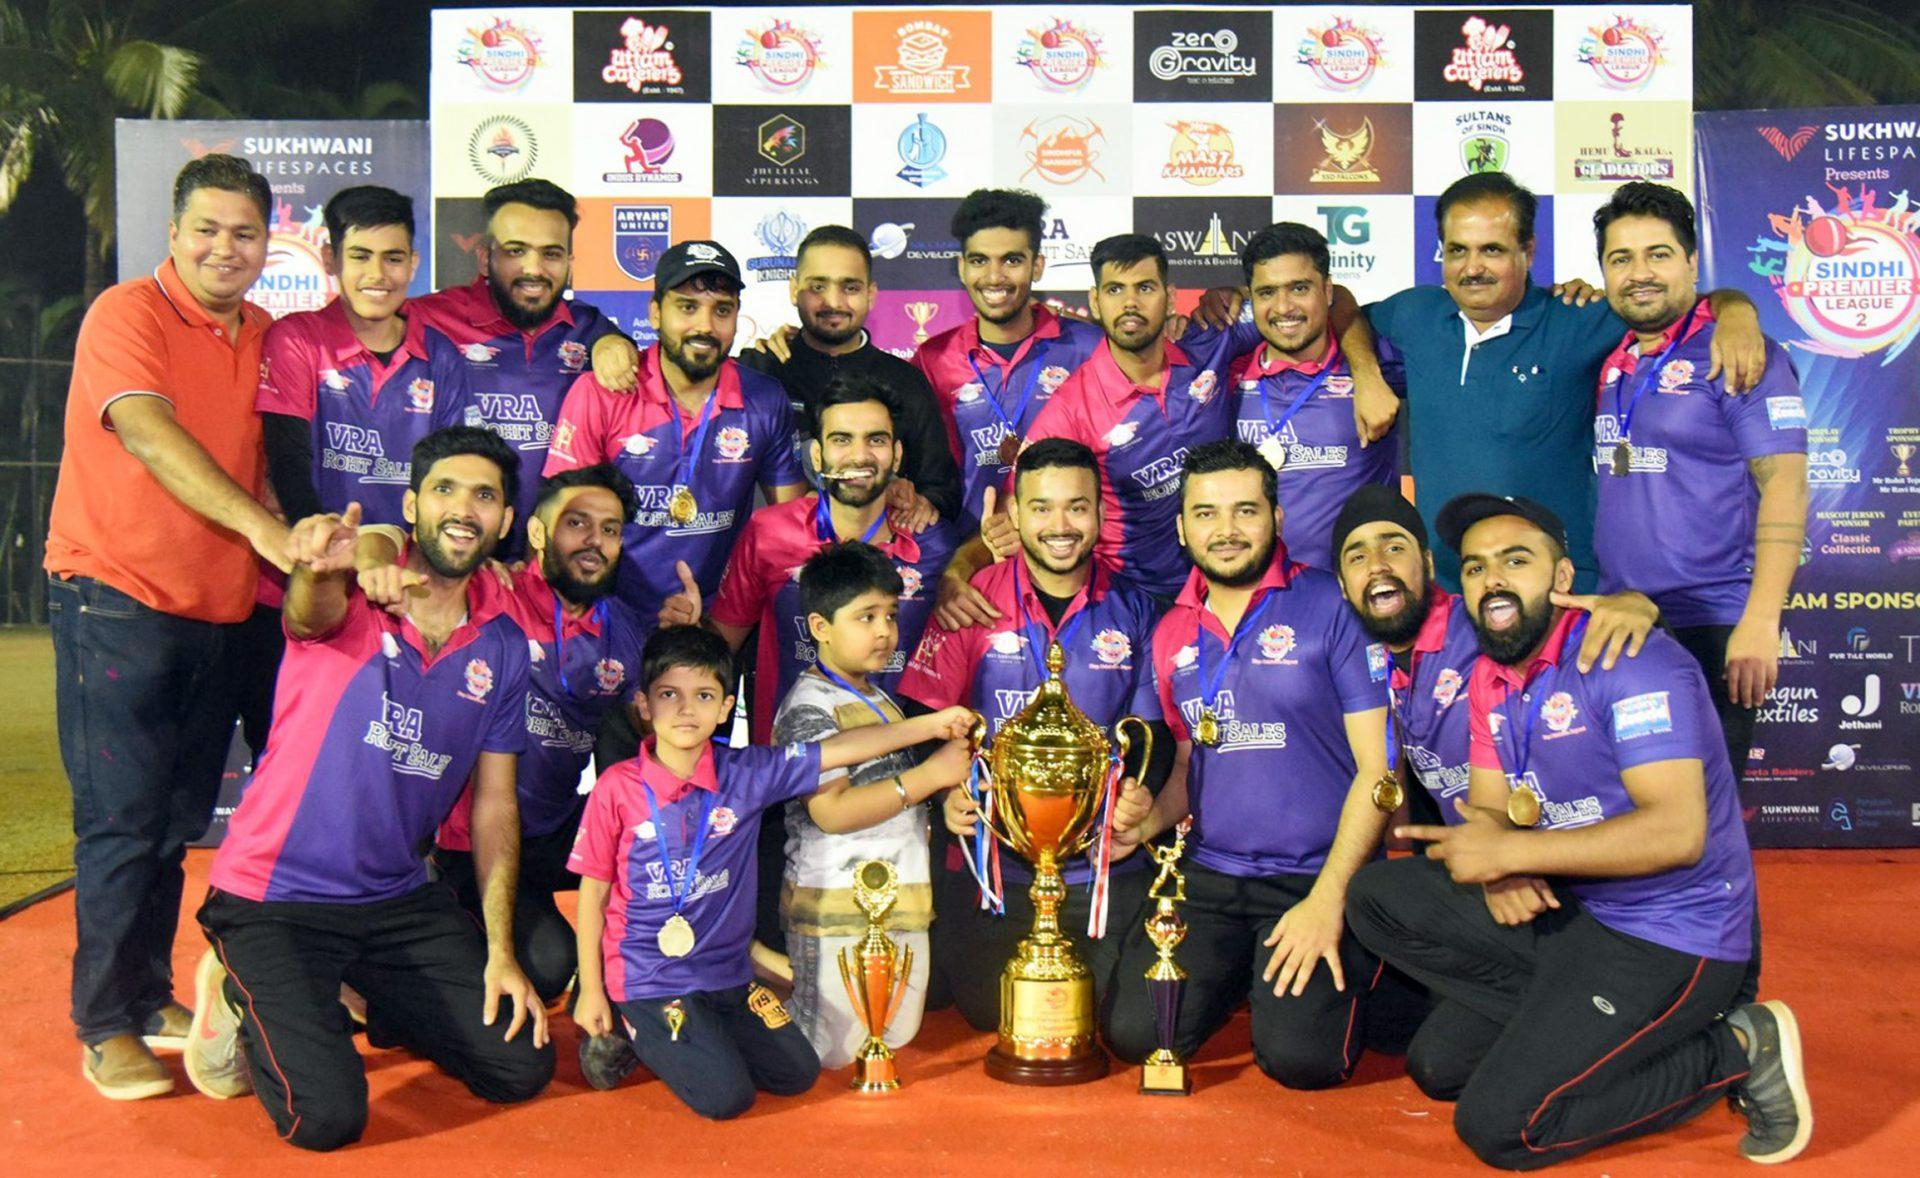 संत कंवरम रॉयल्सने पटकावले 'सिंधी प्रीमिअर लीग २'चे विजेतेपद